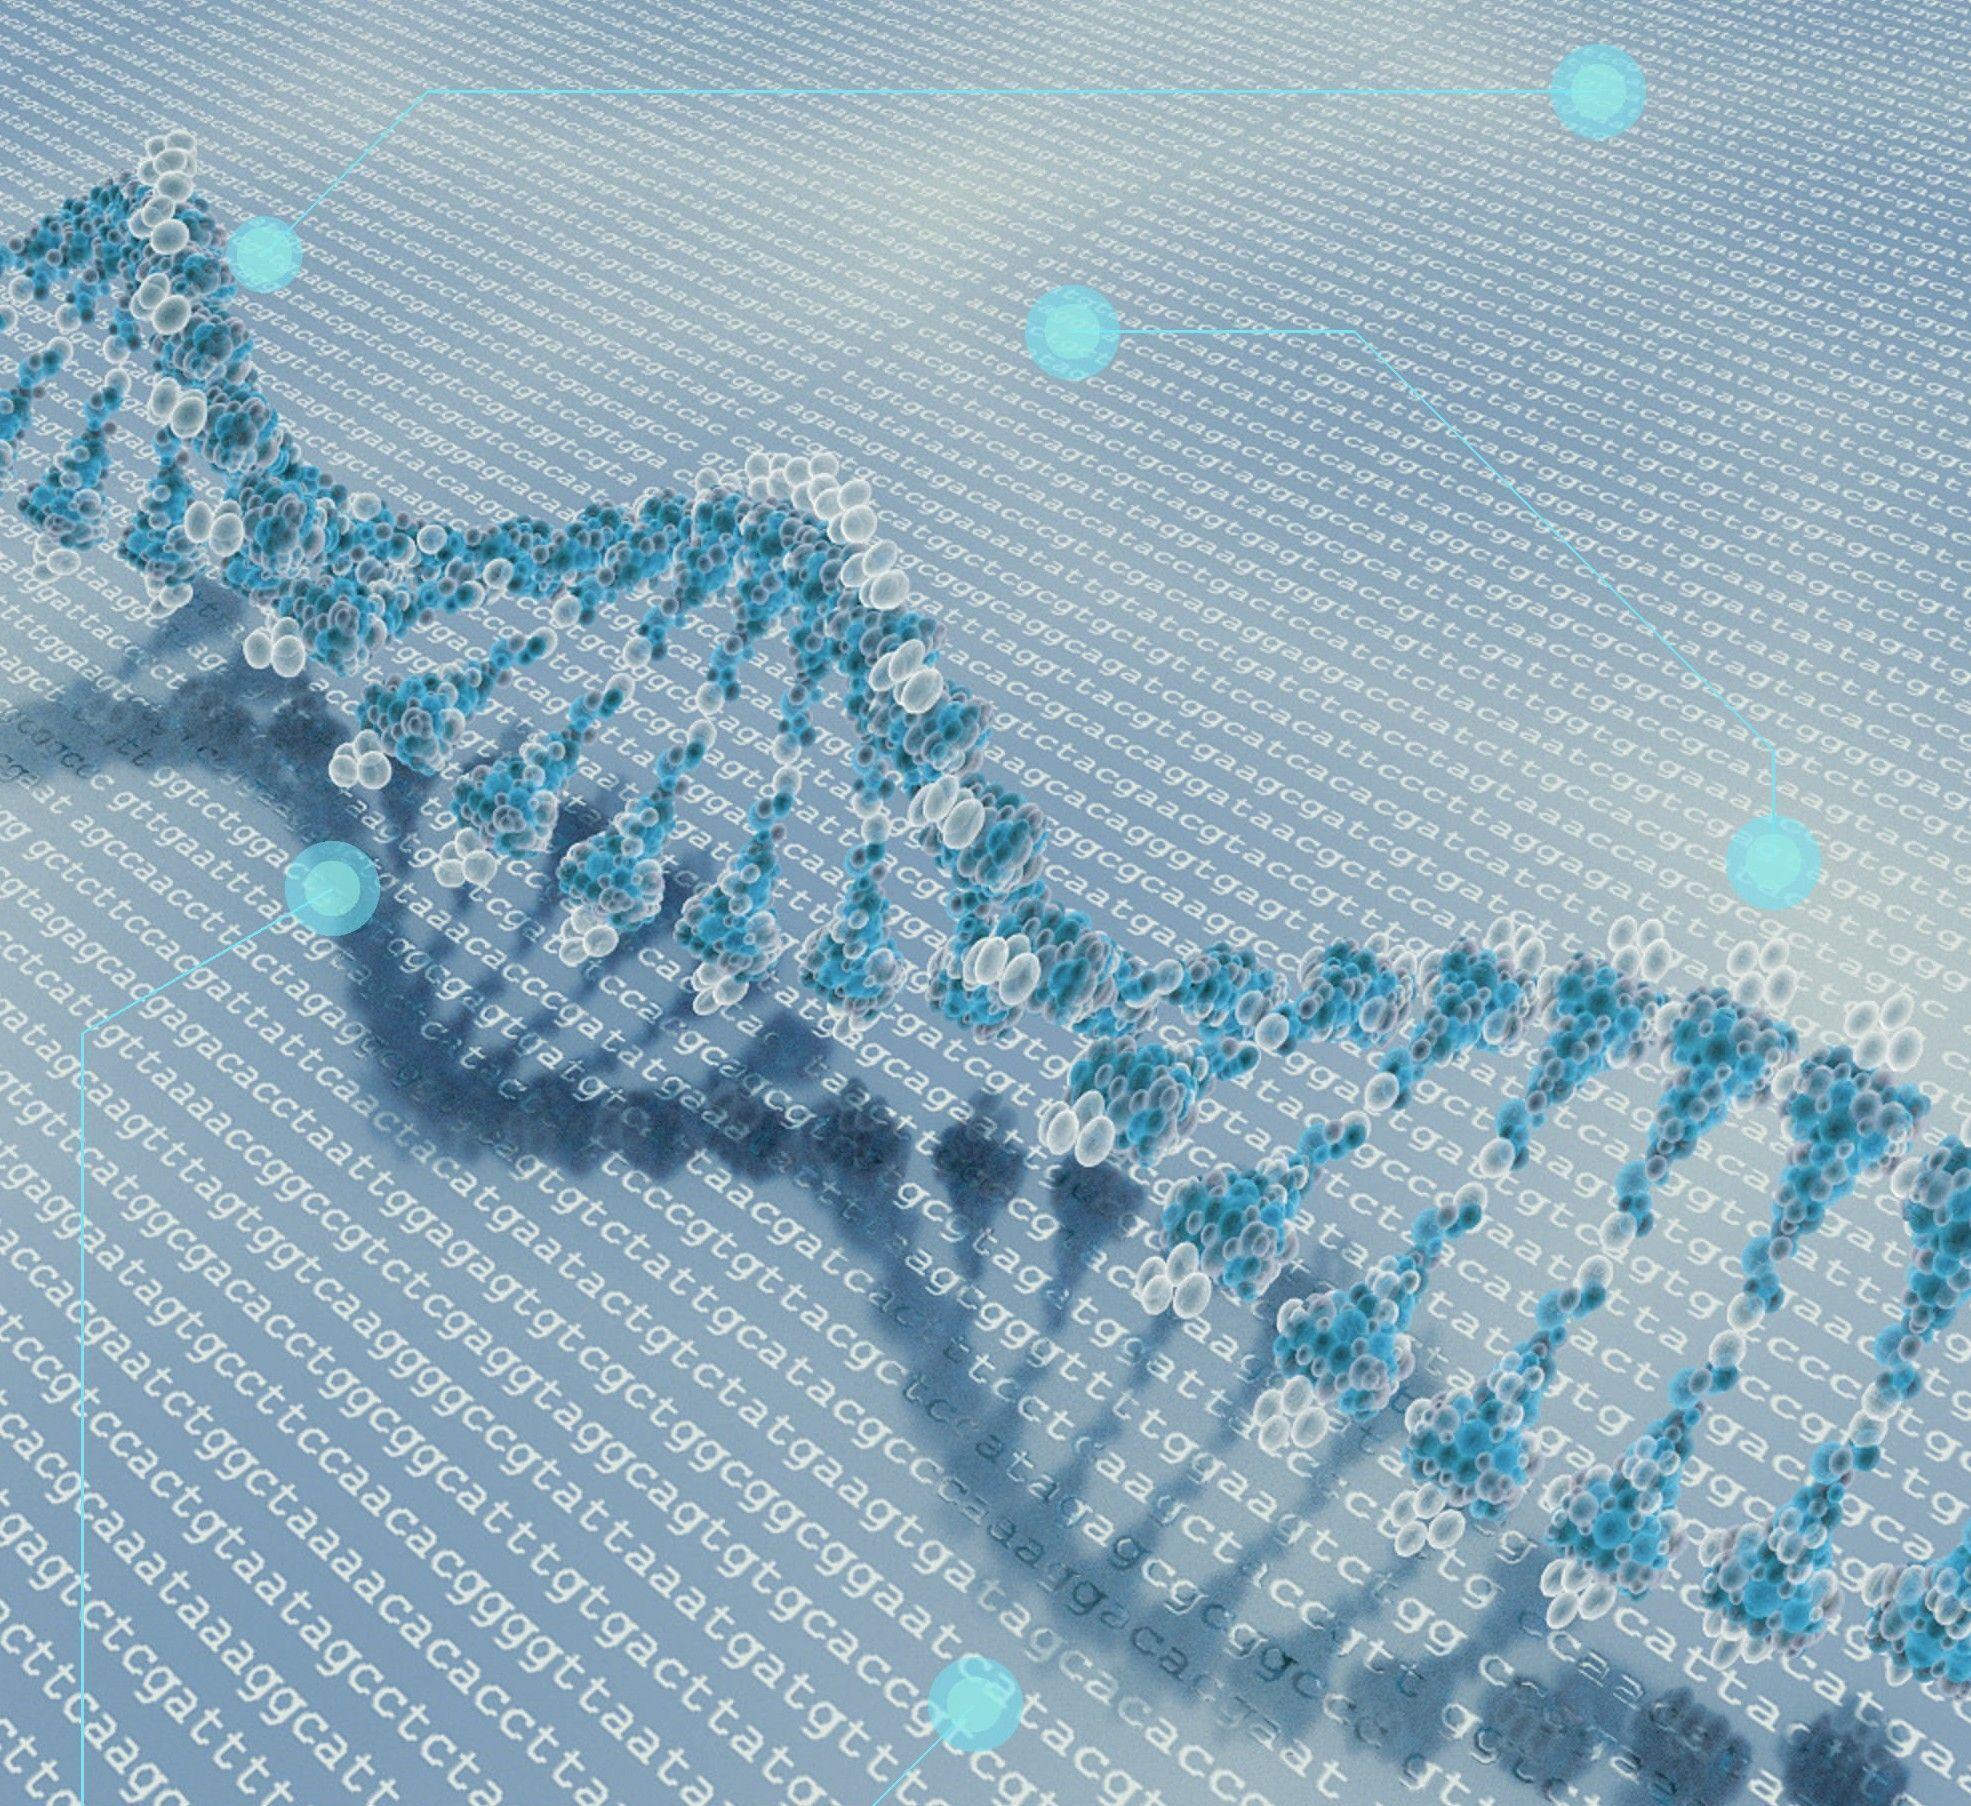 La tecnología de edición del genoma o edición genómica se añade a llista de amenazas a la seguridad nacional en EE. UU. Imagen: Mehmet Pinarci (CC BY 2.0, https://creativecommons.org/licenses/by/2.0/).